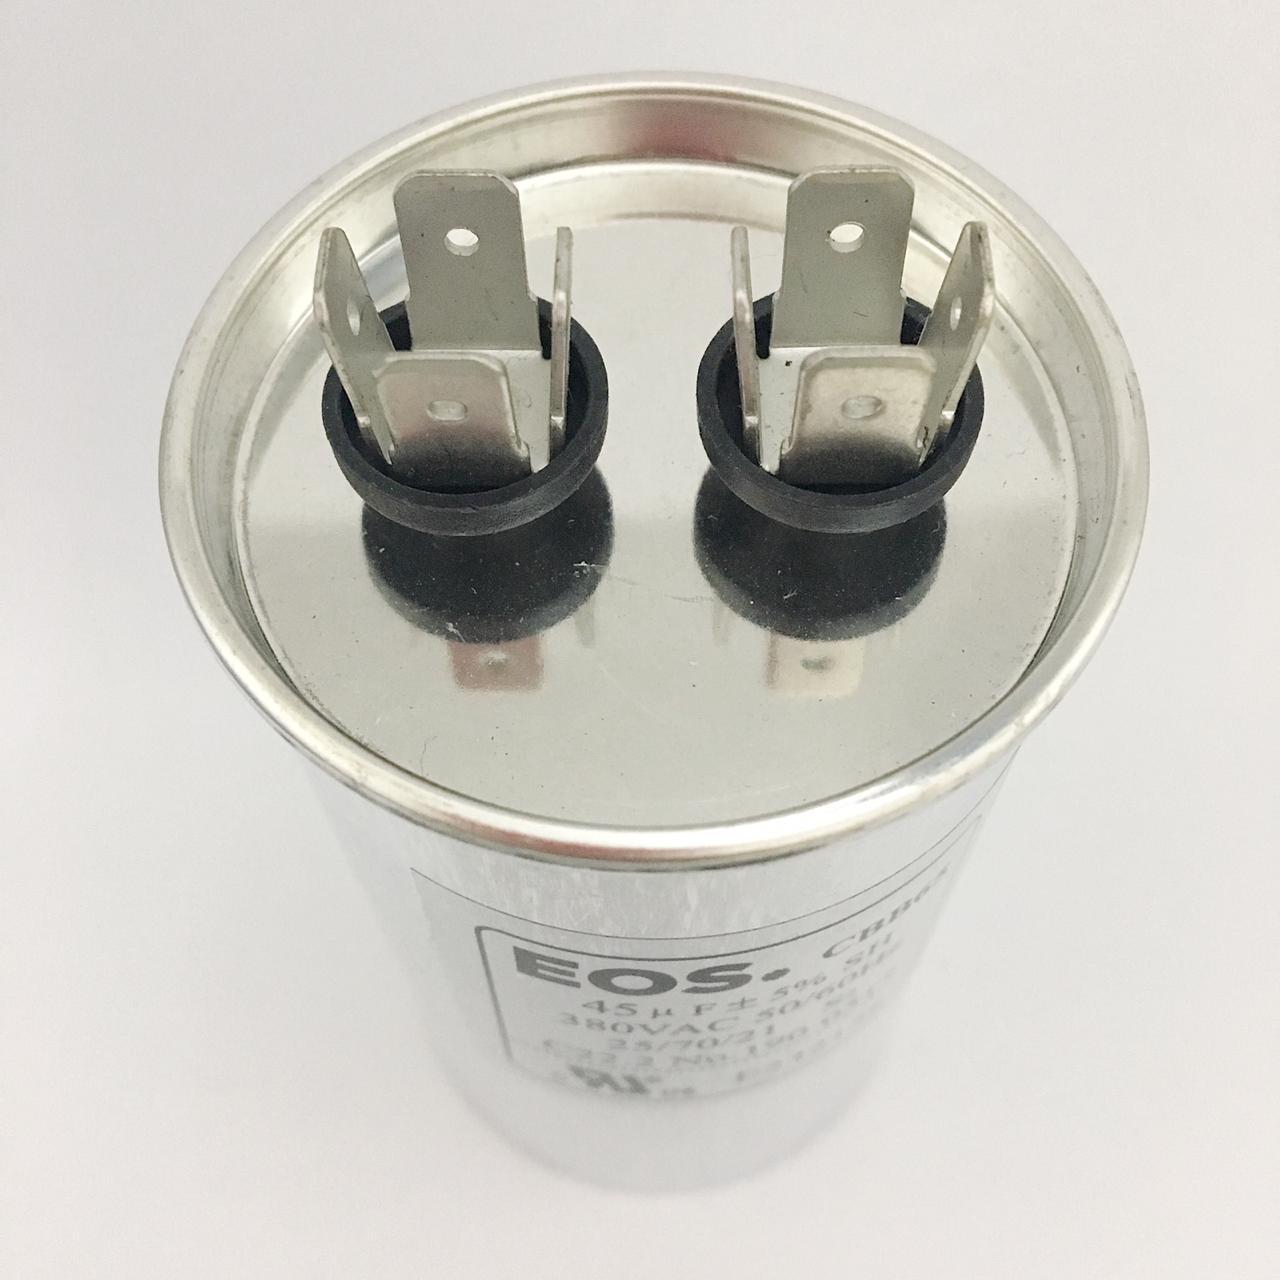 Capacitor 45 MFD 380V 50/60Hz